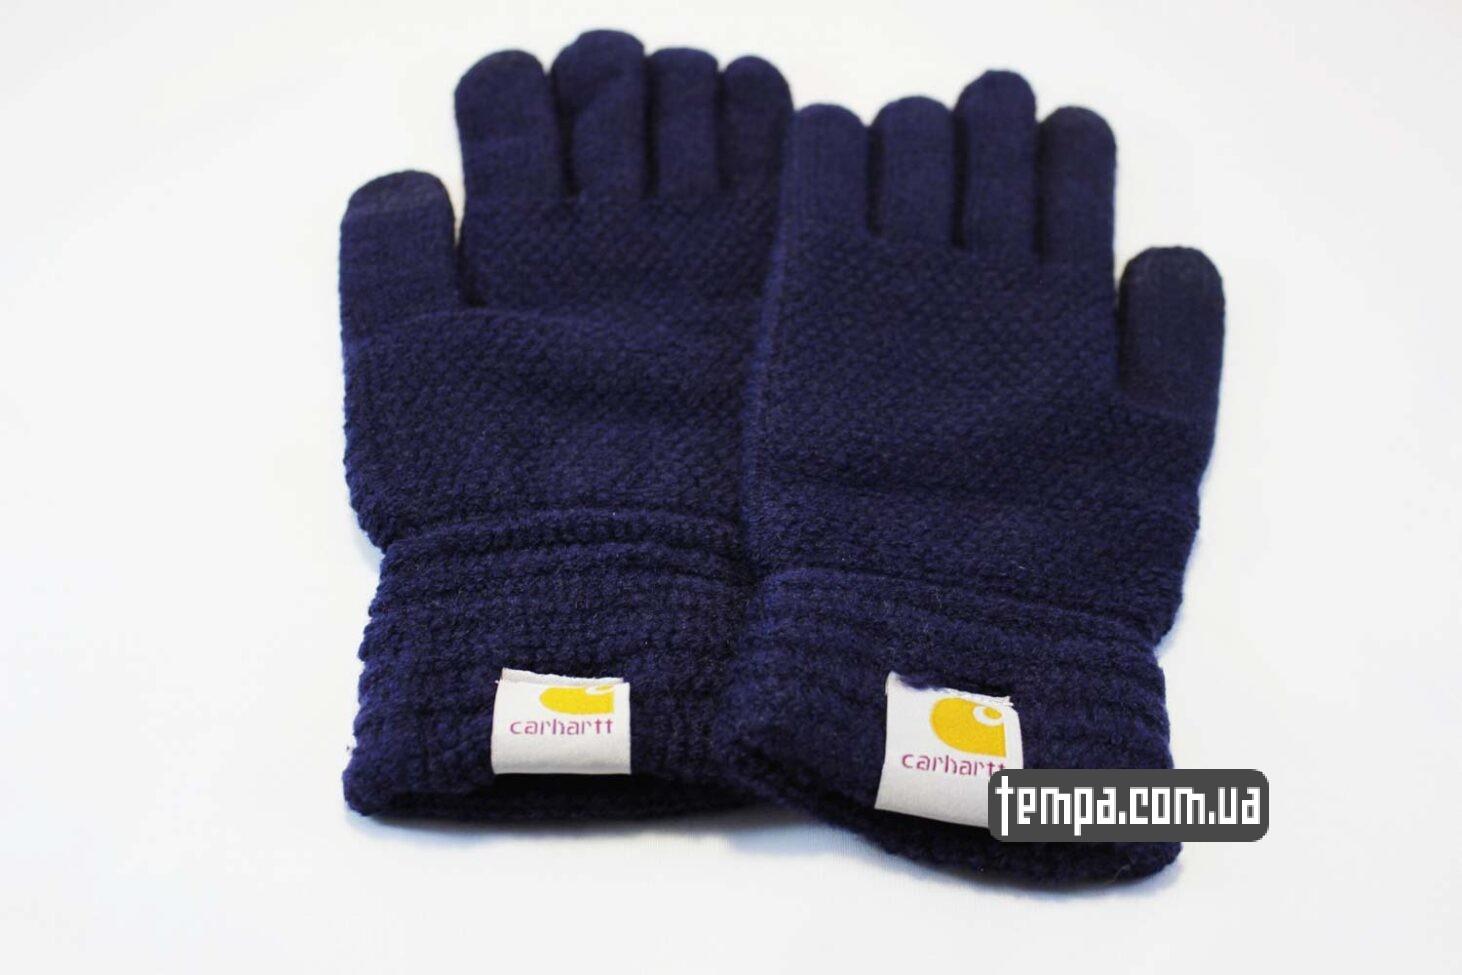 перчатки Carhartt синие для сенсорных мобильных экранов